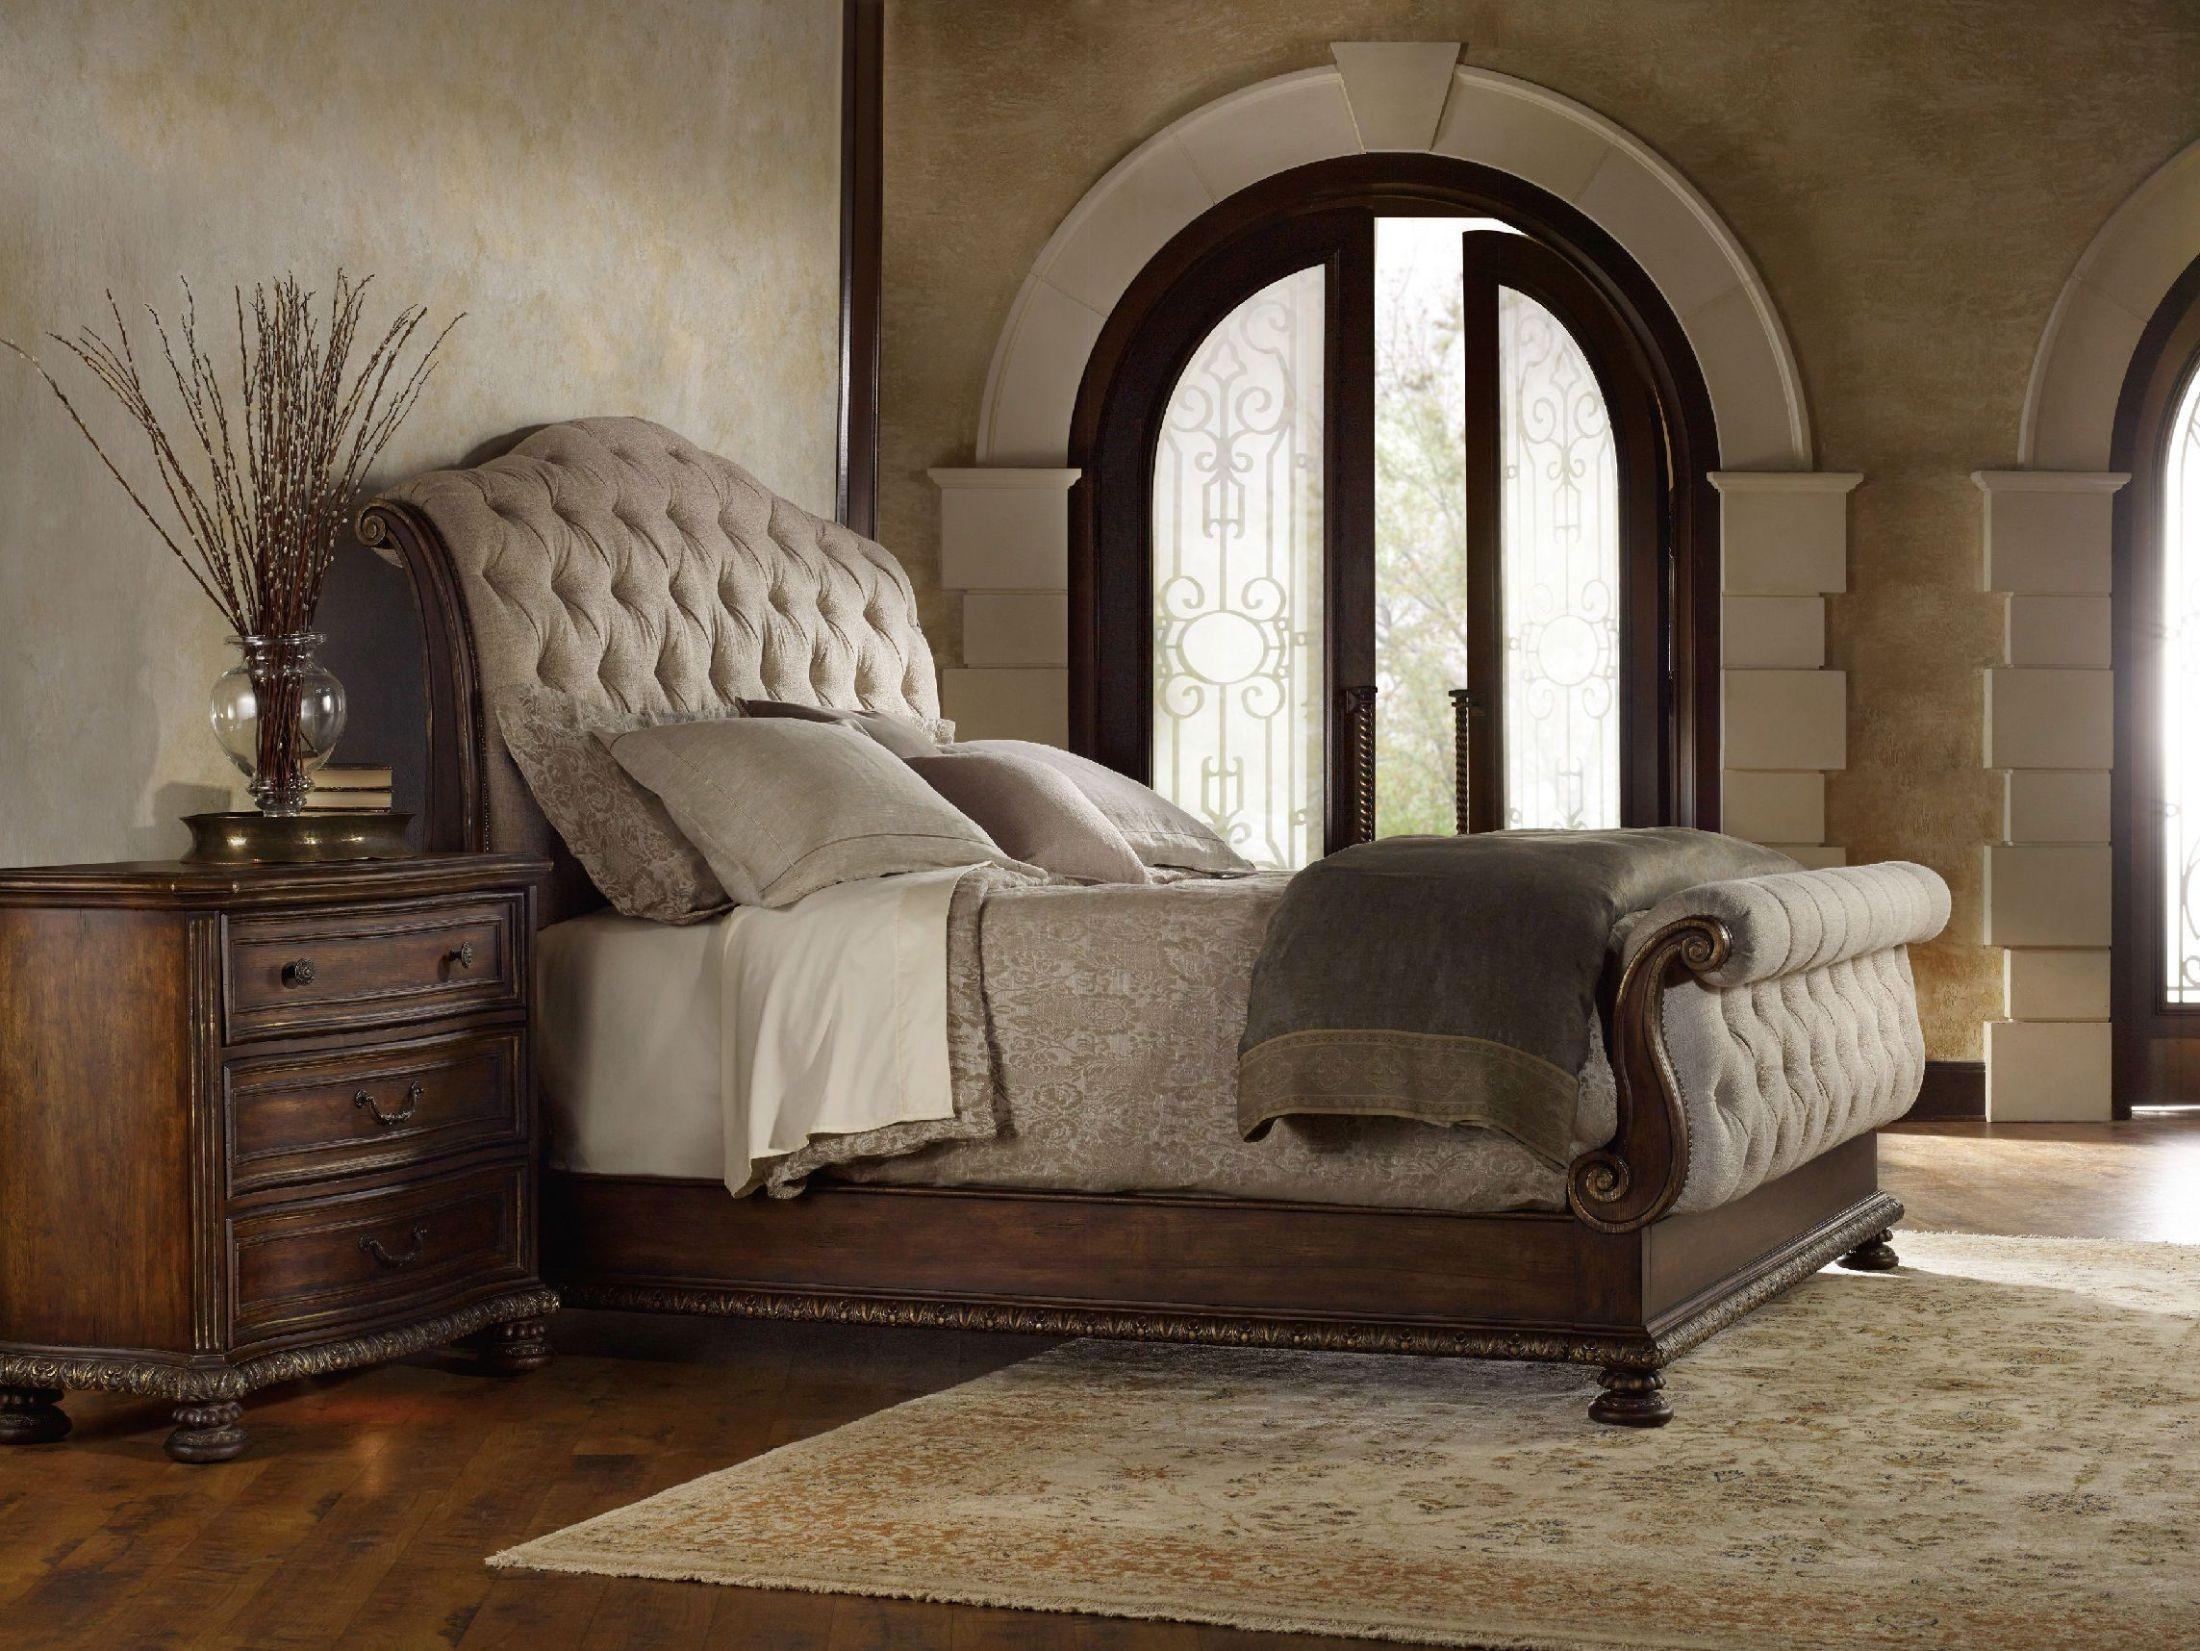 outstanding dark wood bedroom sets | Adagio Dark Wood Tufted Sleigh Bedroom Set, 5091-90566 ...